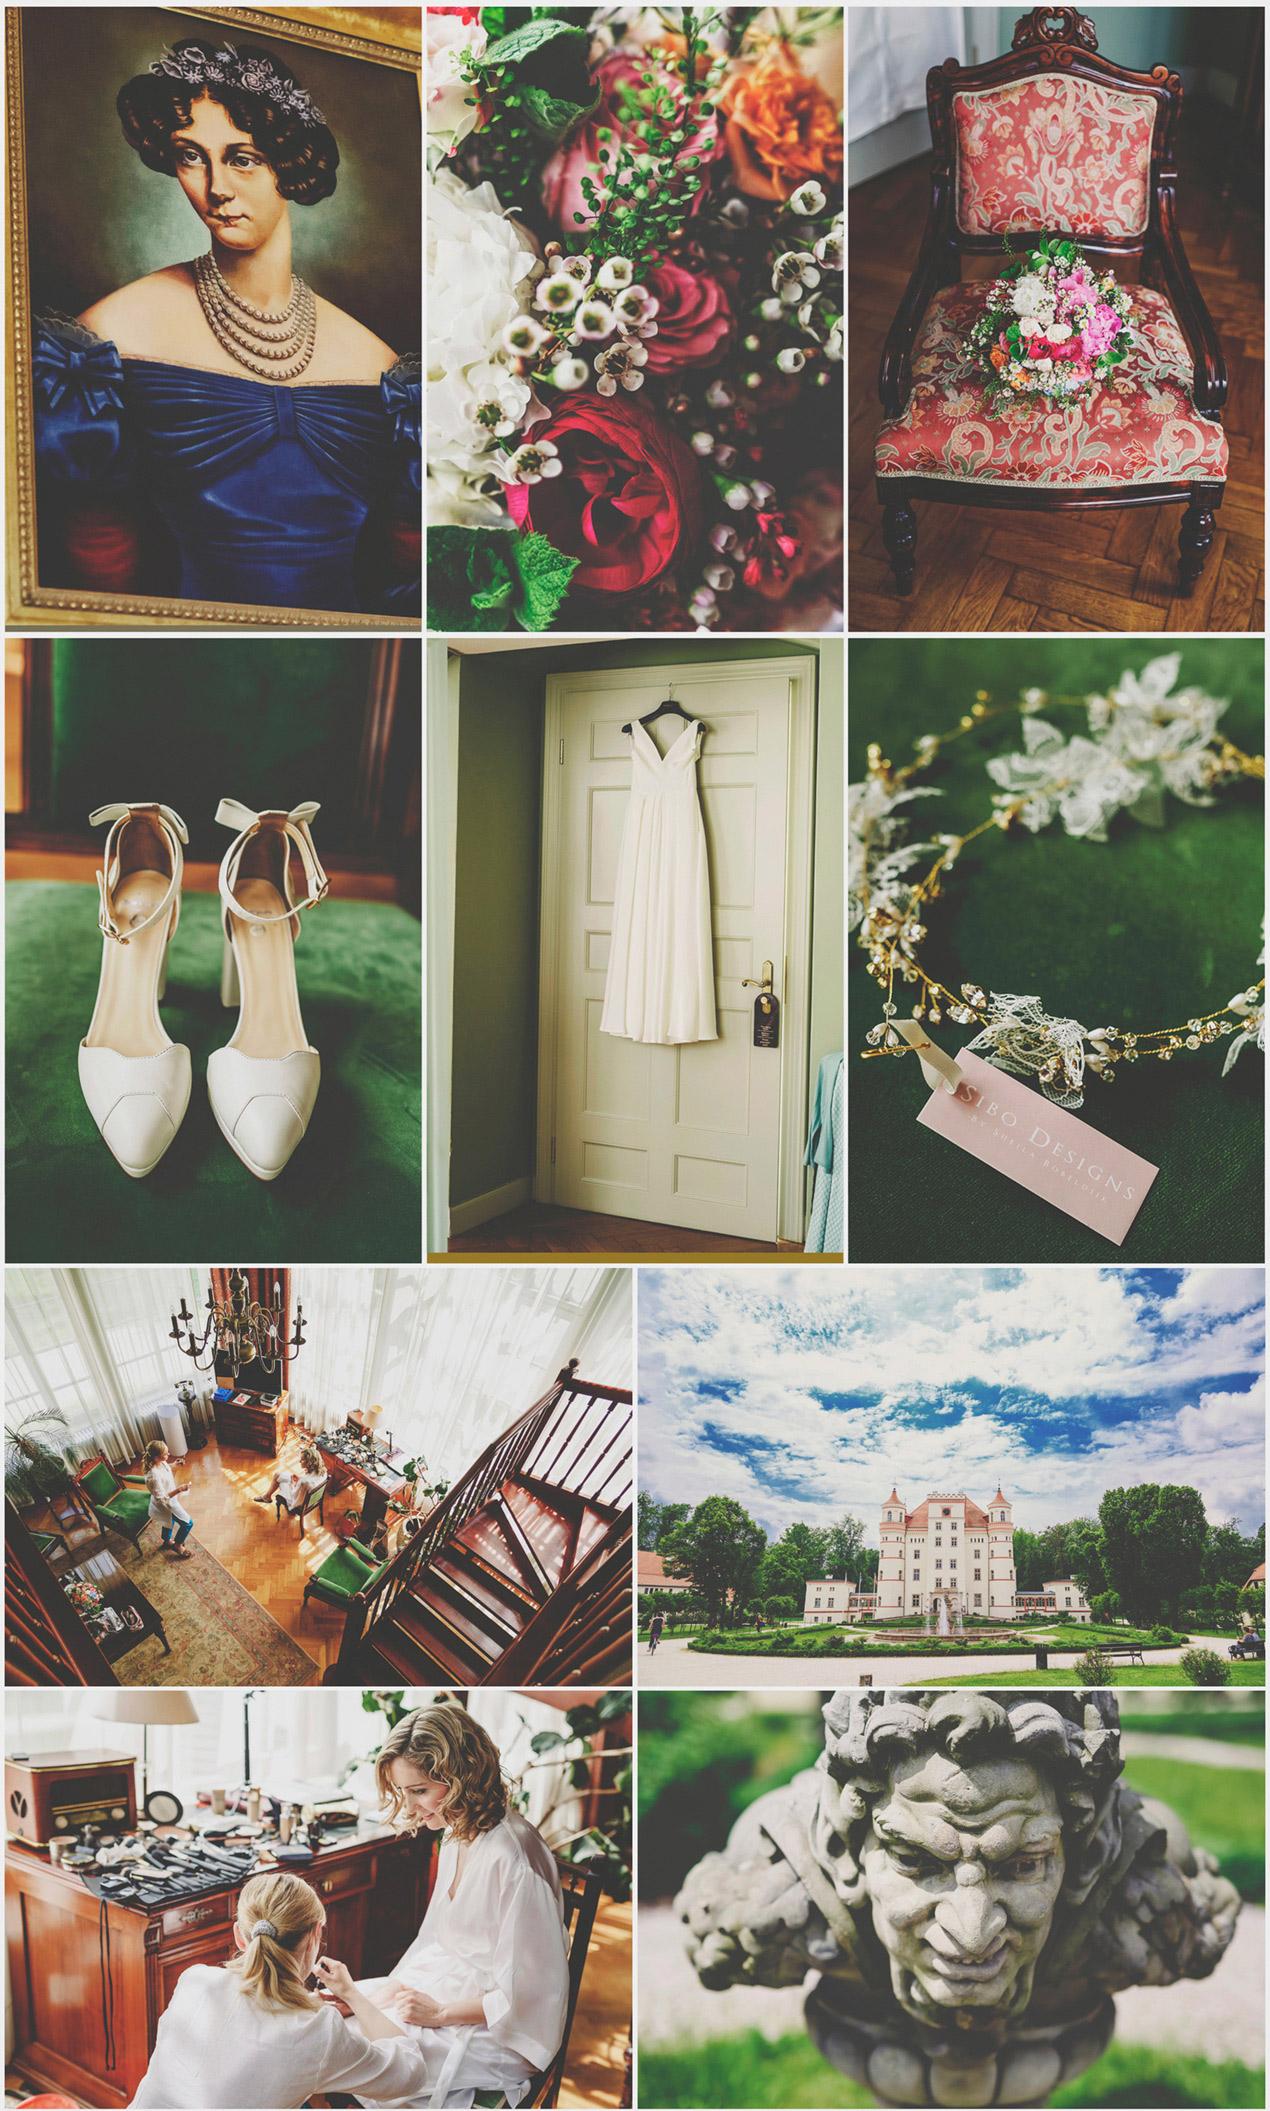 VeryLuckyStar_Palac_Wojanow_Poland_wedding_photo